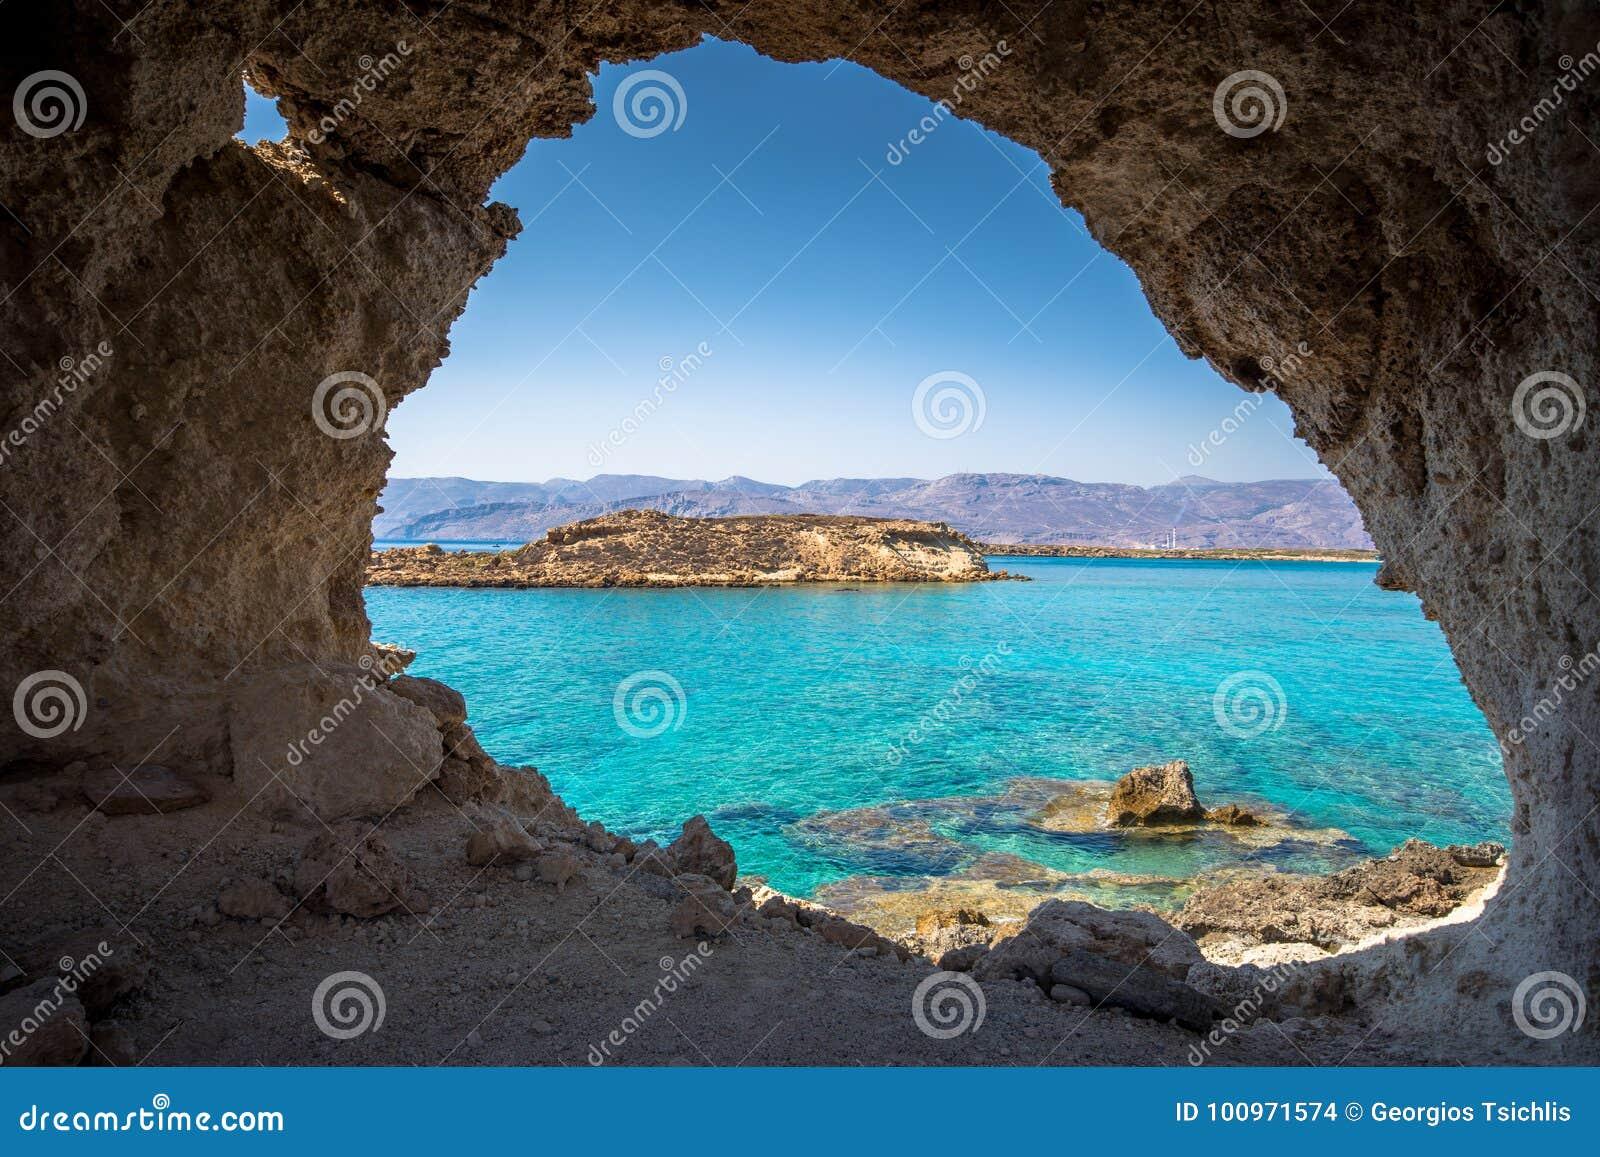 Verbazende mening van Koufonisi-eiland met magische turkooise wateren, lagunes, tropische stranden van zuiver wit zand